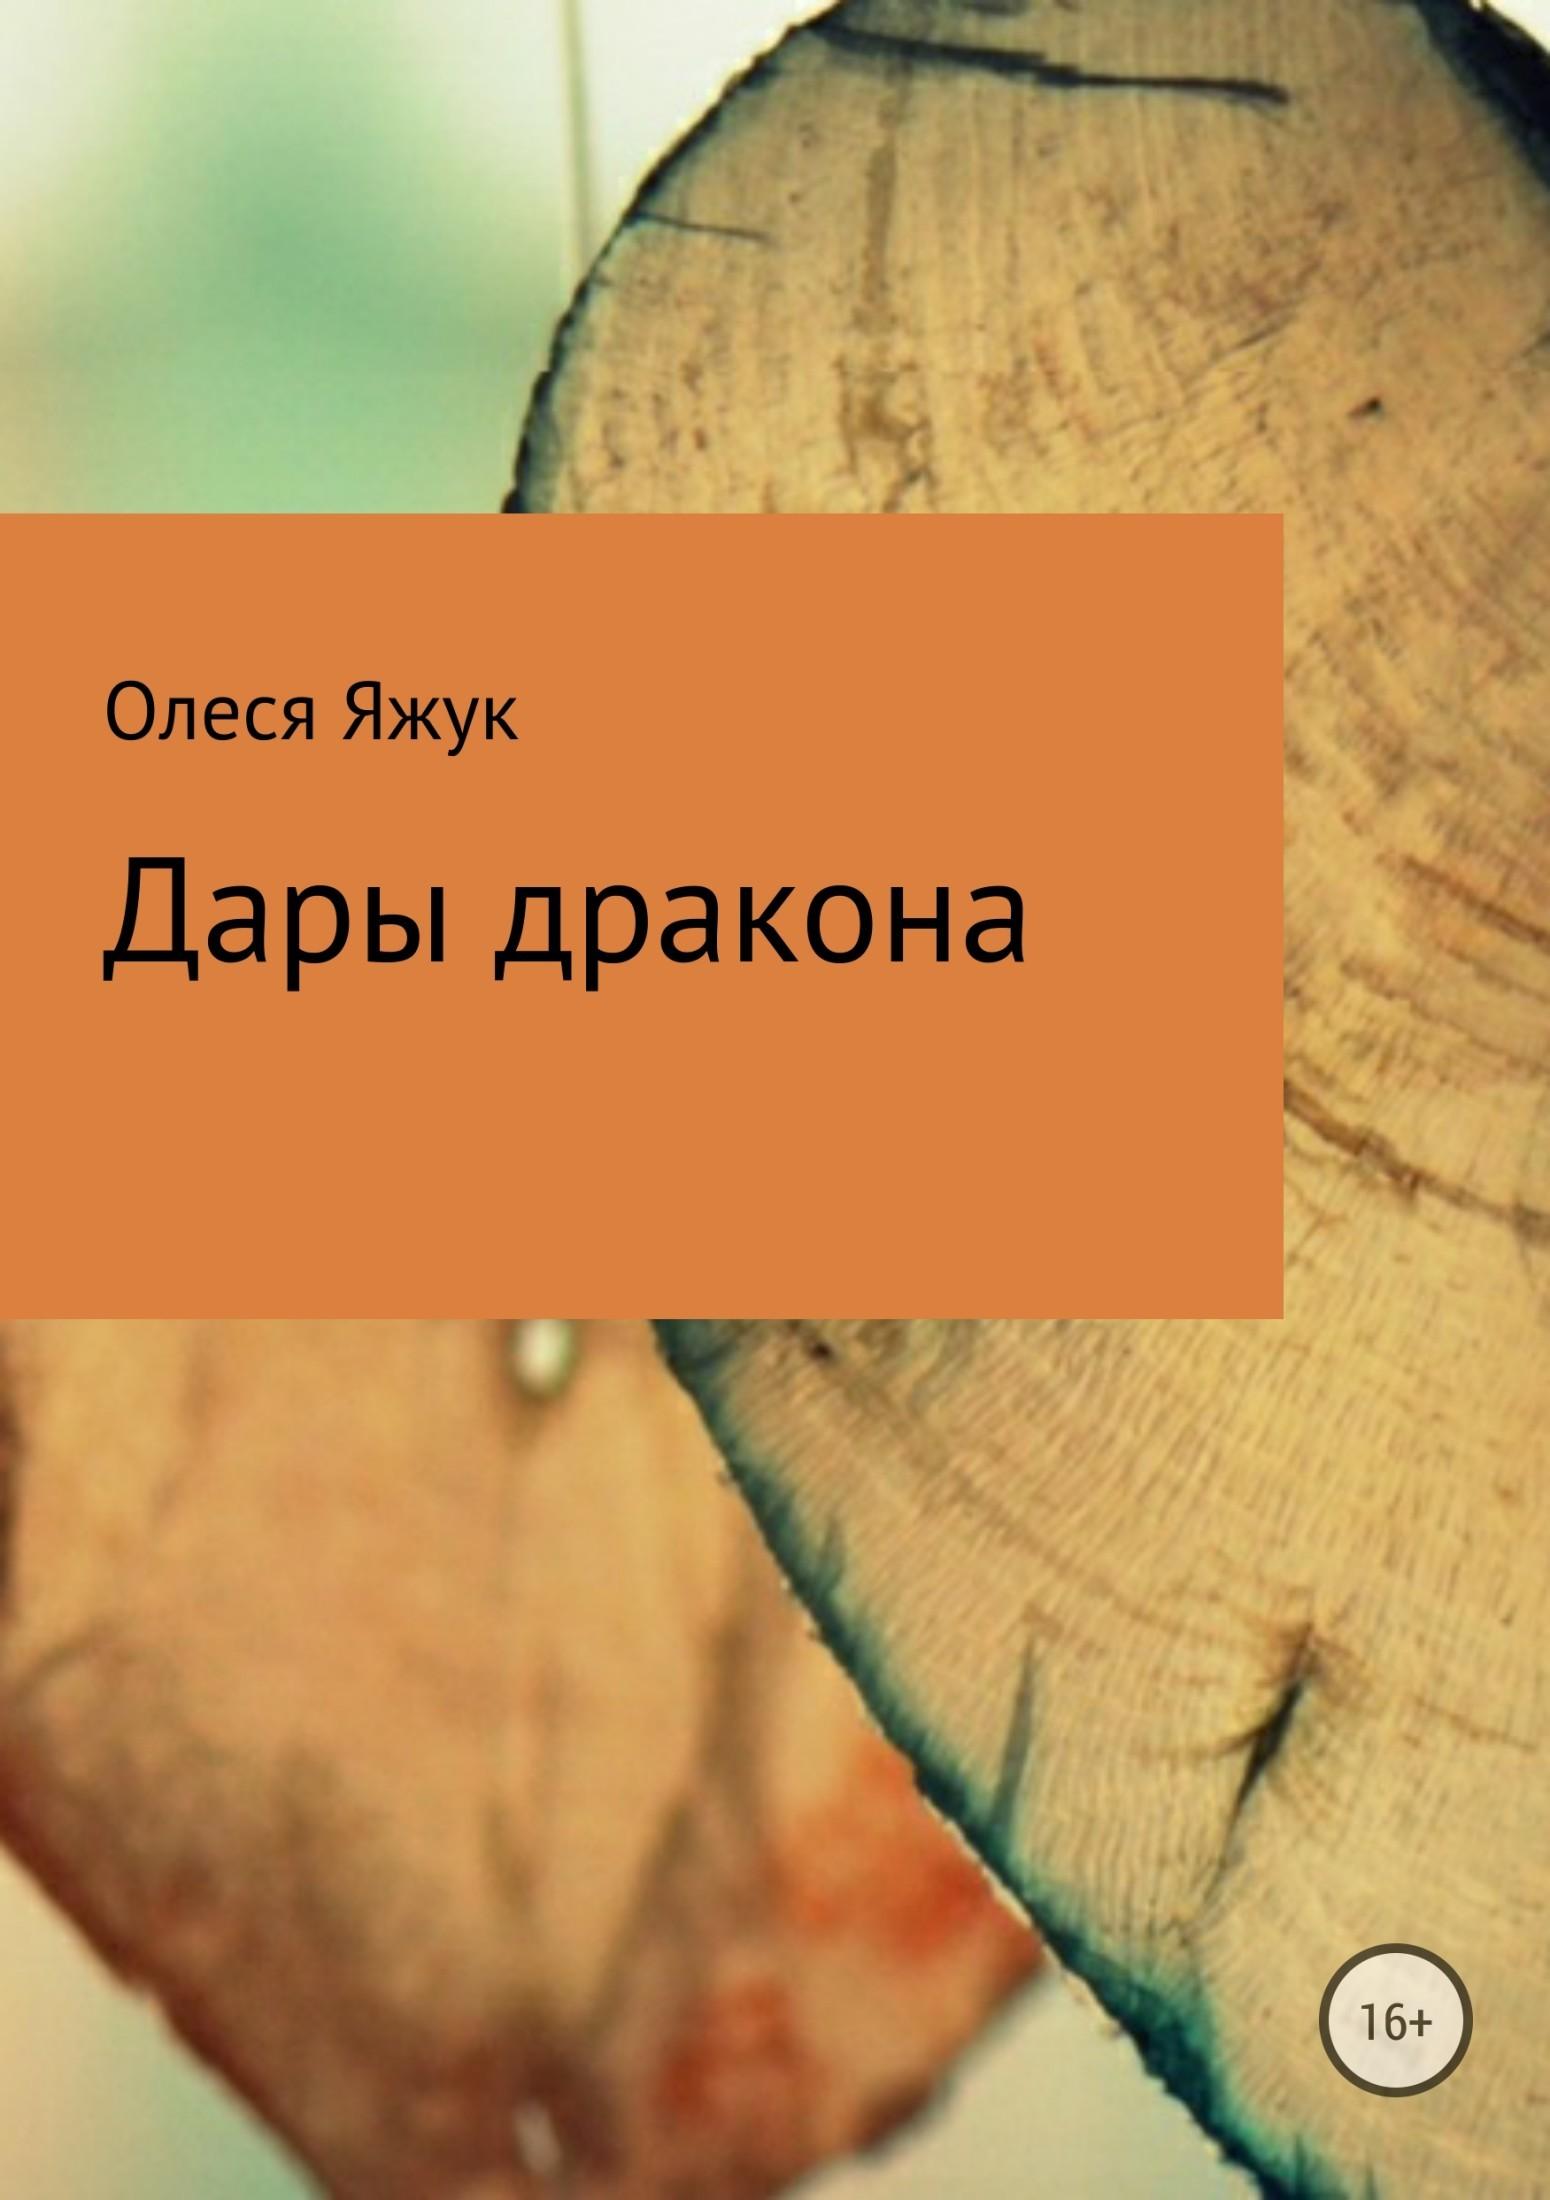 Олеся Яжук - Дары дракона